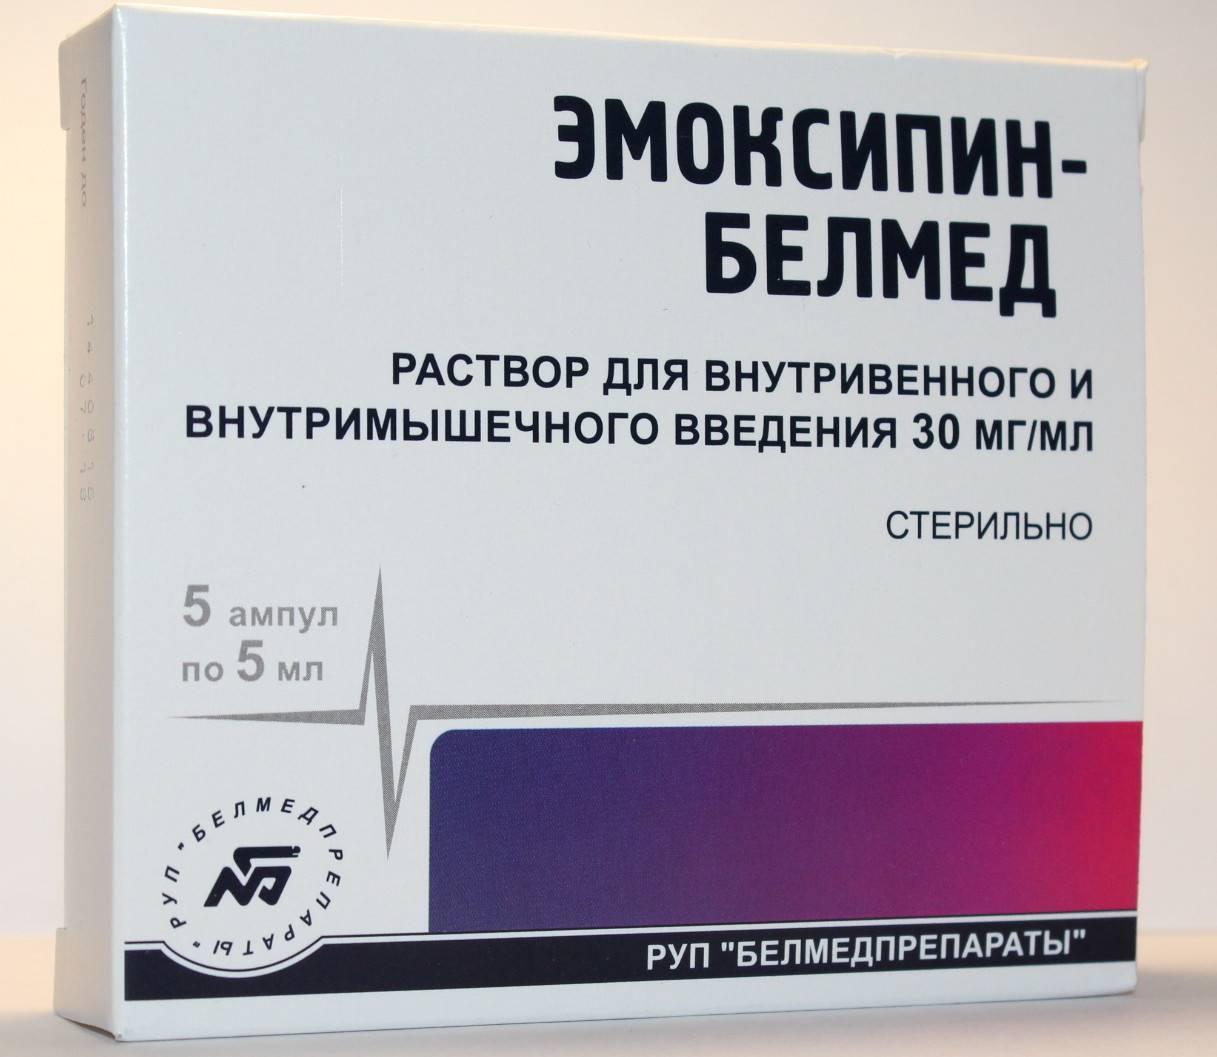 Глазные капли эмоксипин: состав и свойства, показания и инструкция по применению, отзывы врачей и пациентов